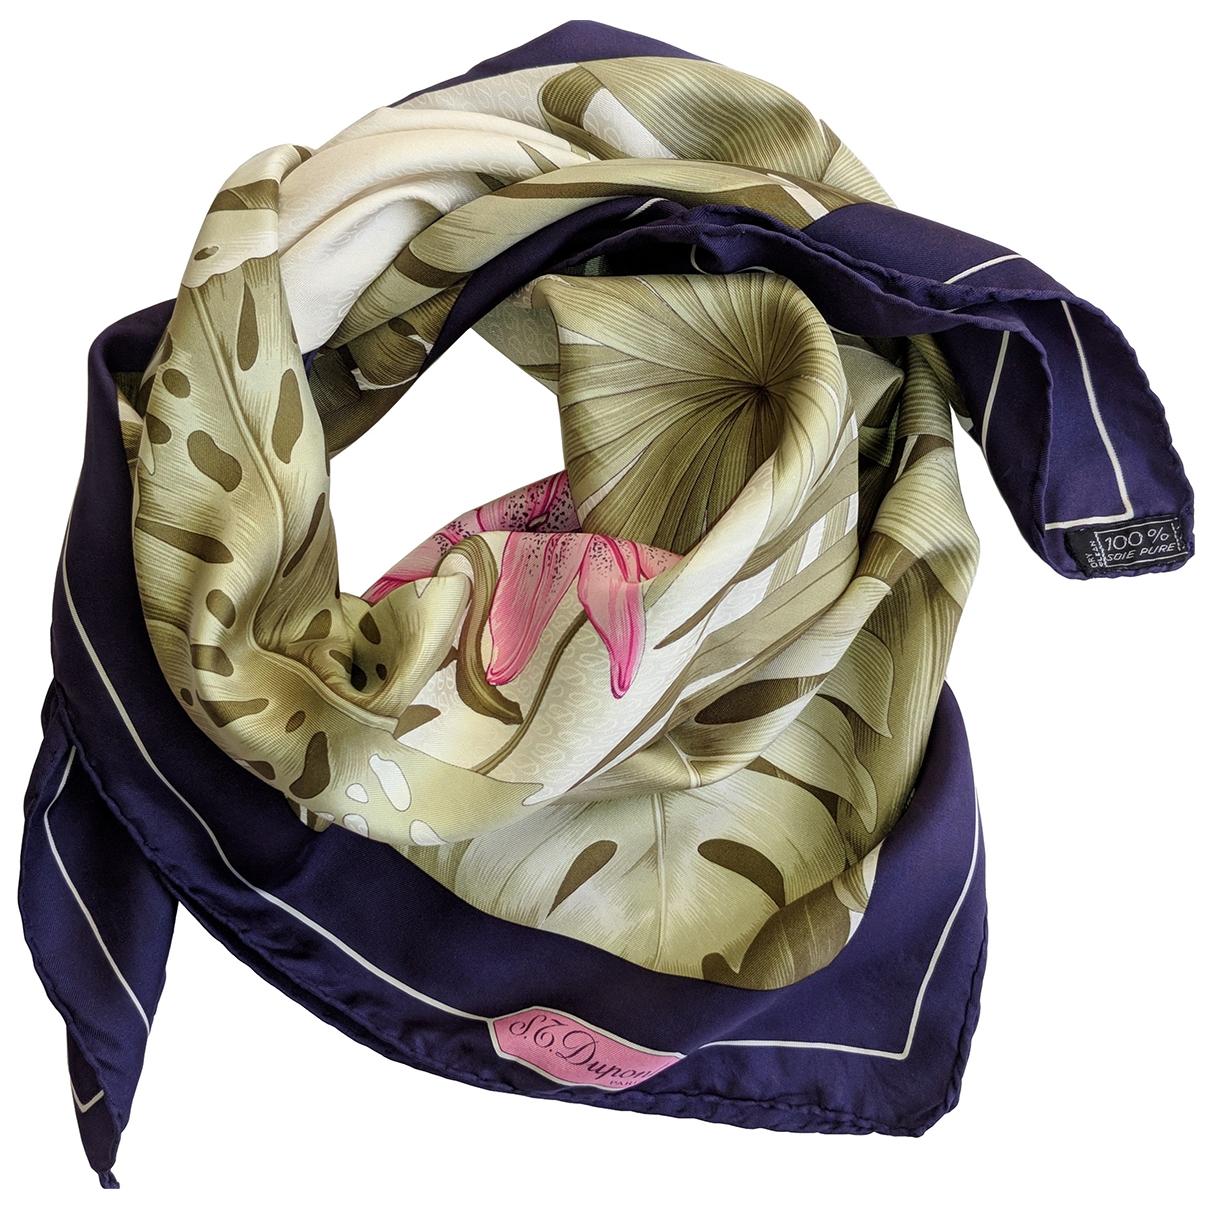 S.t. Dupont - Foulard   pour femme en soie - multicolore